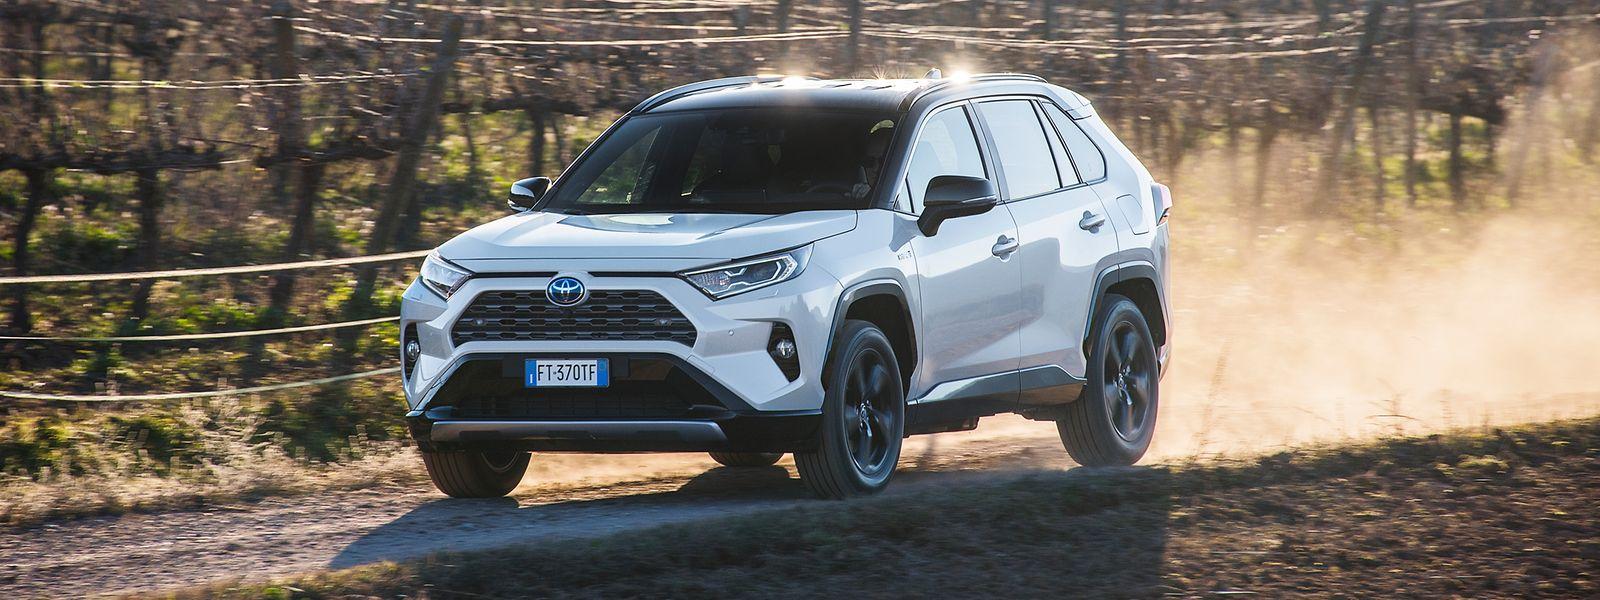 In seinem breitschultrigen SUV hat Toyota Abenteuer und Raffinesse miteinander vereint. Auch auf unbefestigten Wegen federt der neue RAV4 wie eine Limousine.